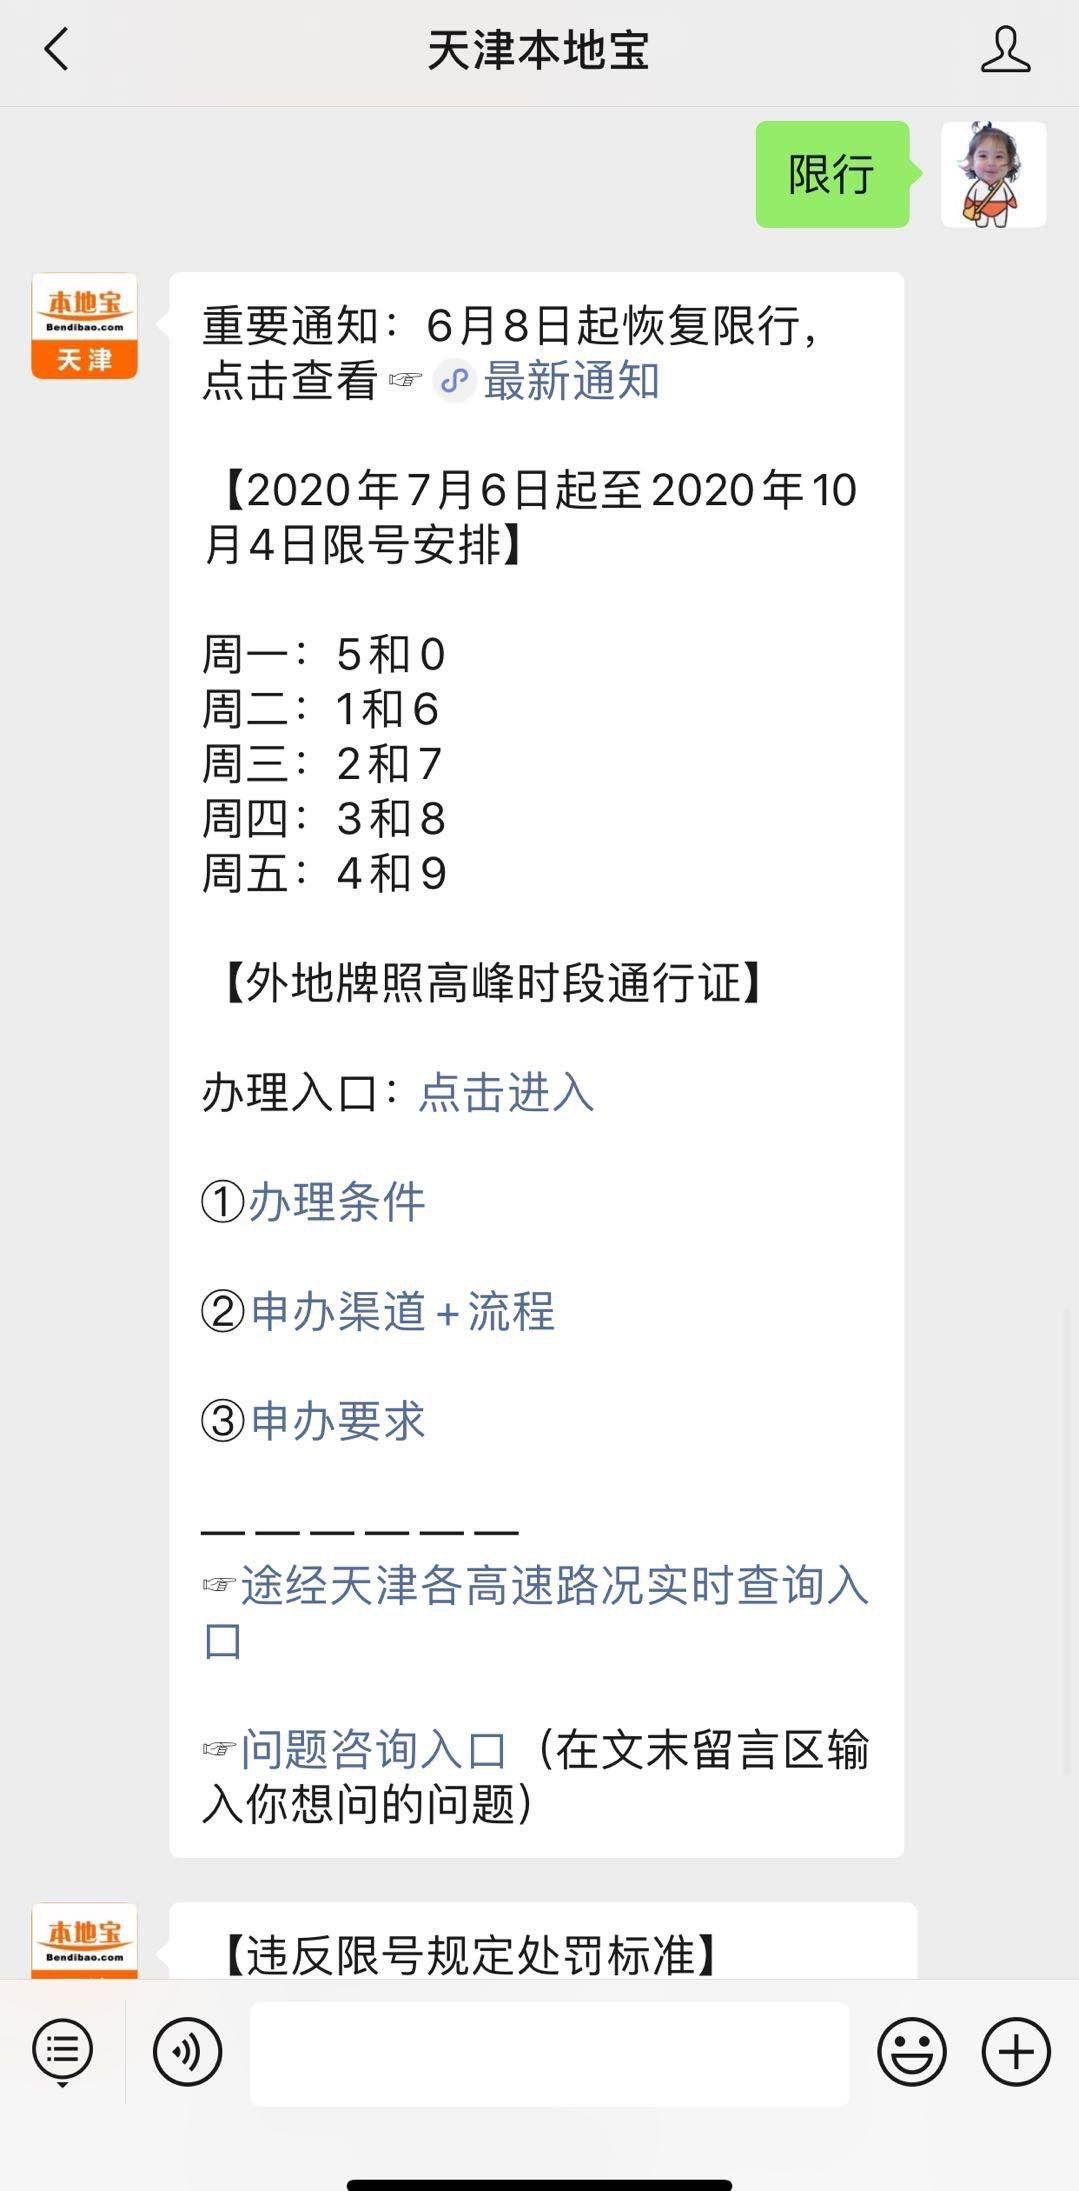 2020年天津尾号限行区域图